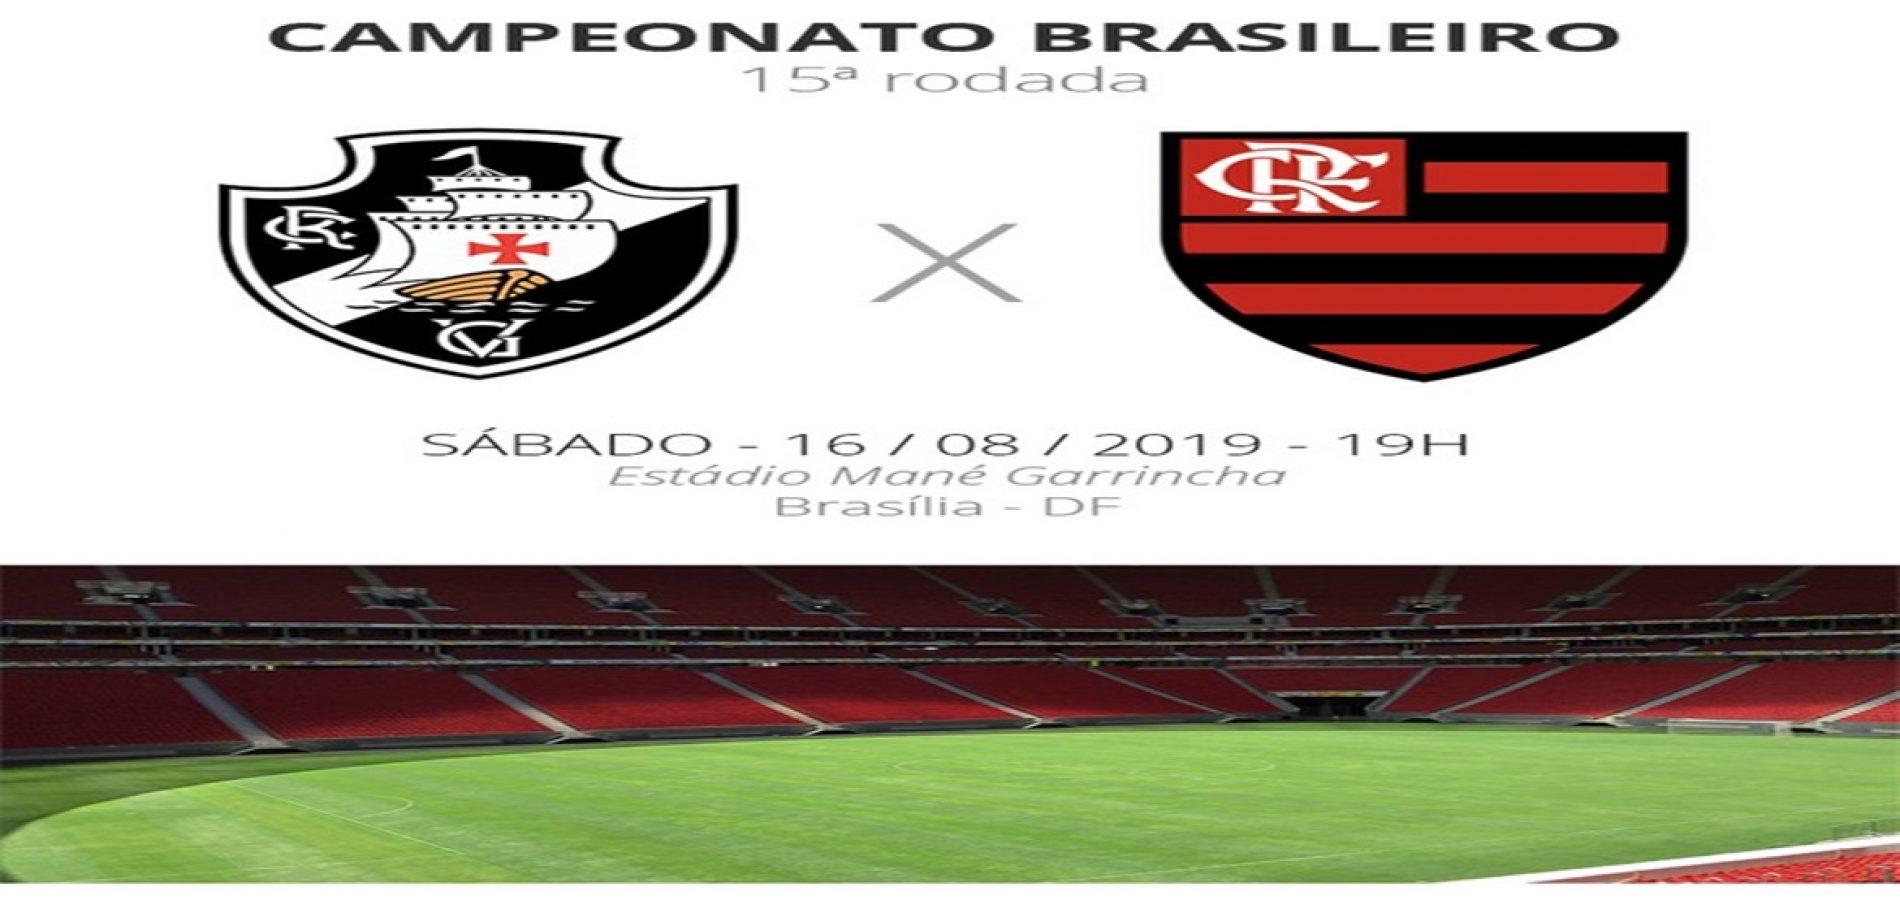 Vasco x Flamengo: tudo que você precisa saber sobre o clássico da rodada